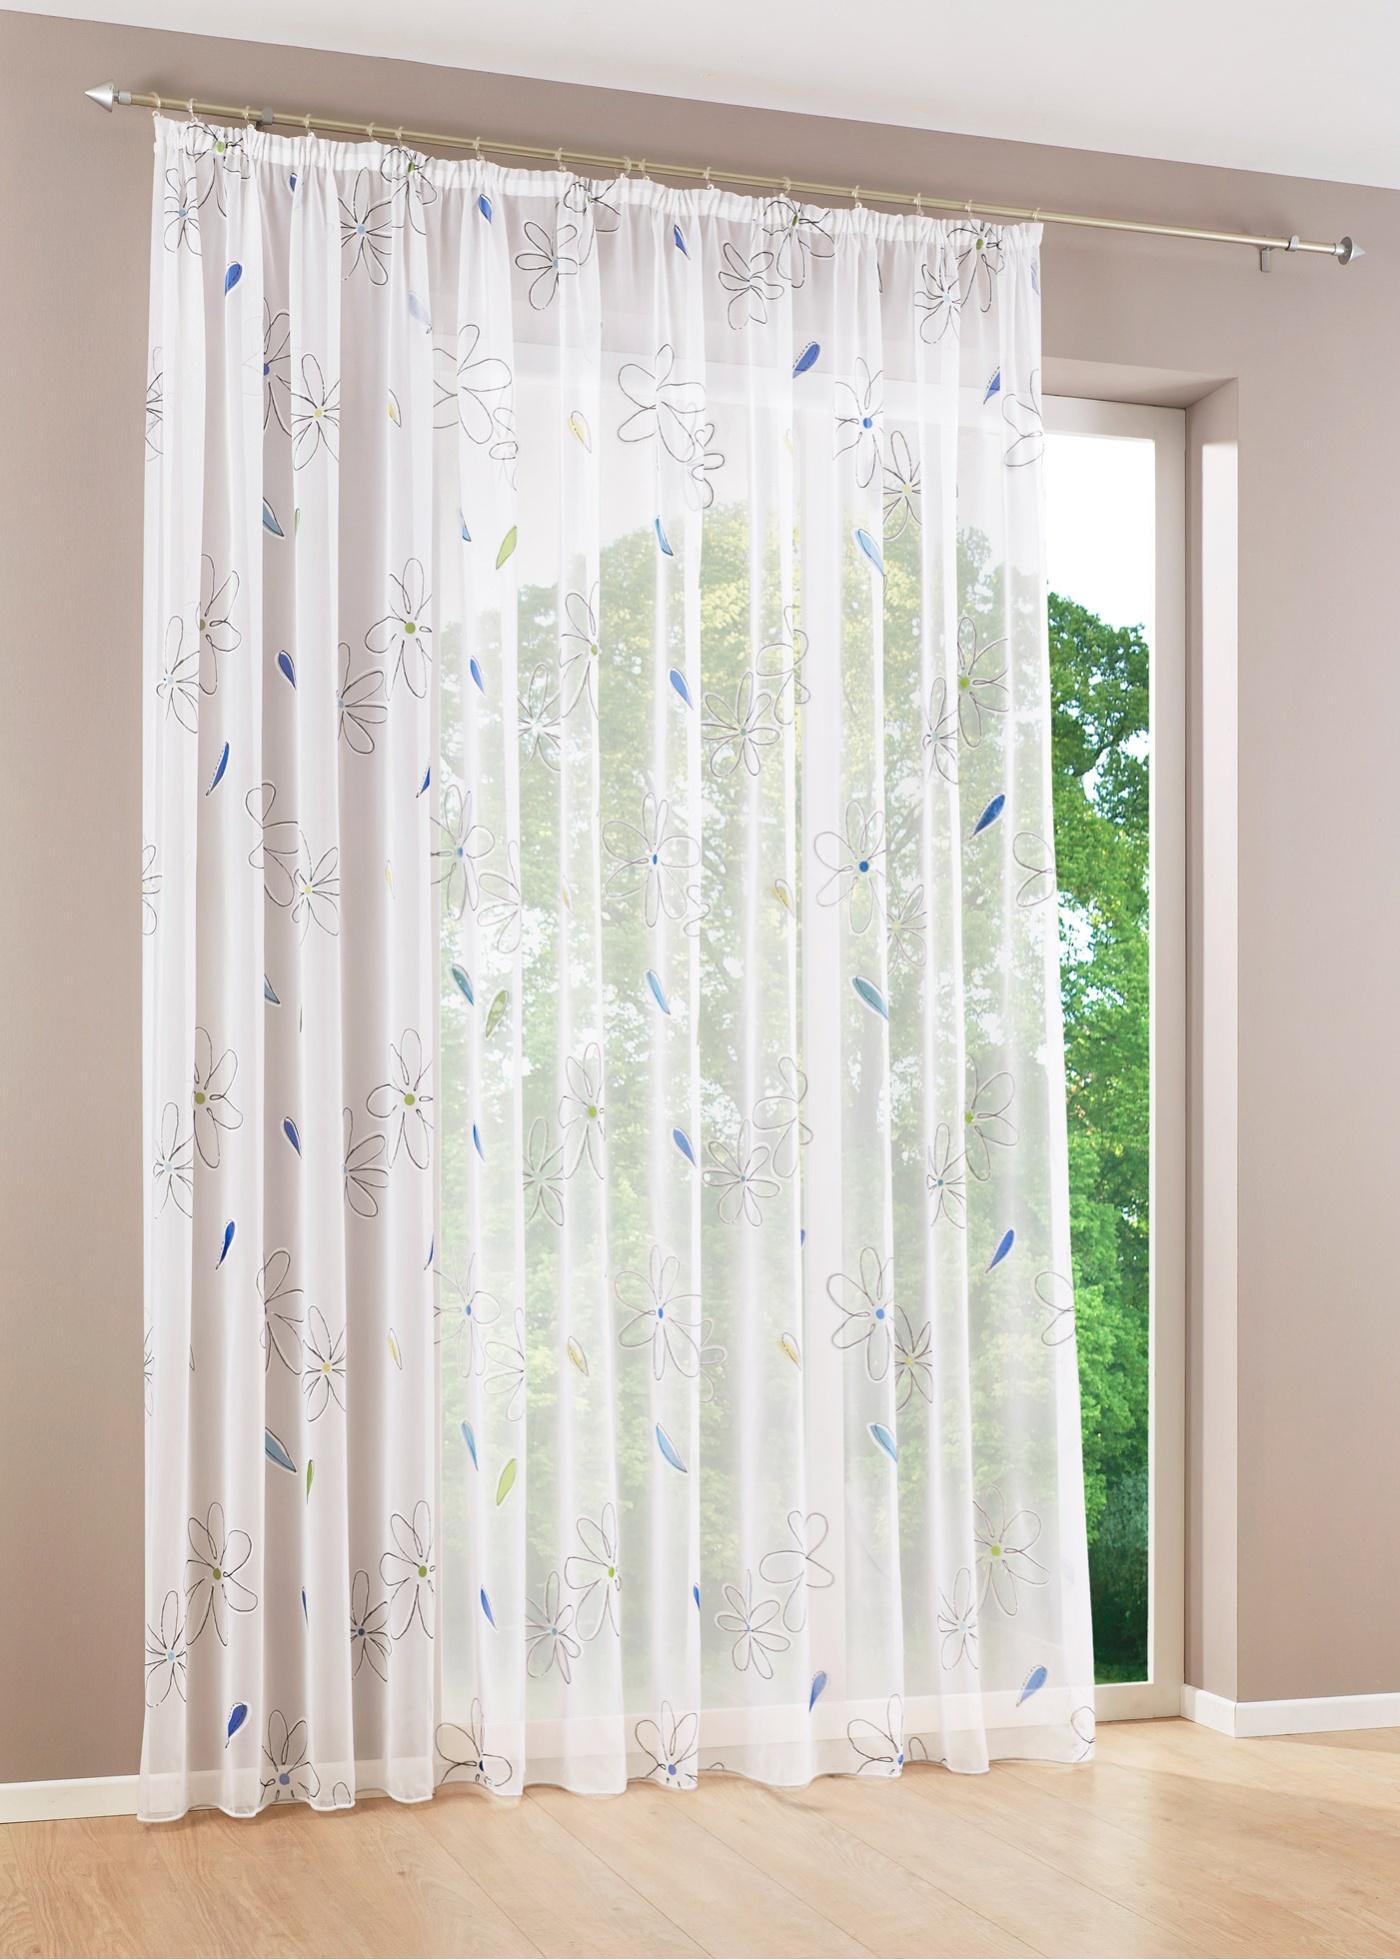 gardinen deko gardinen sen edelstahl gardinen dekoration verbessern ihr zimmer shade. Black Bedroom Furniture Sets. Home Design Ideas